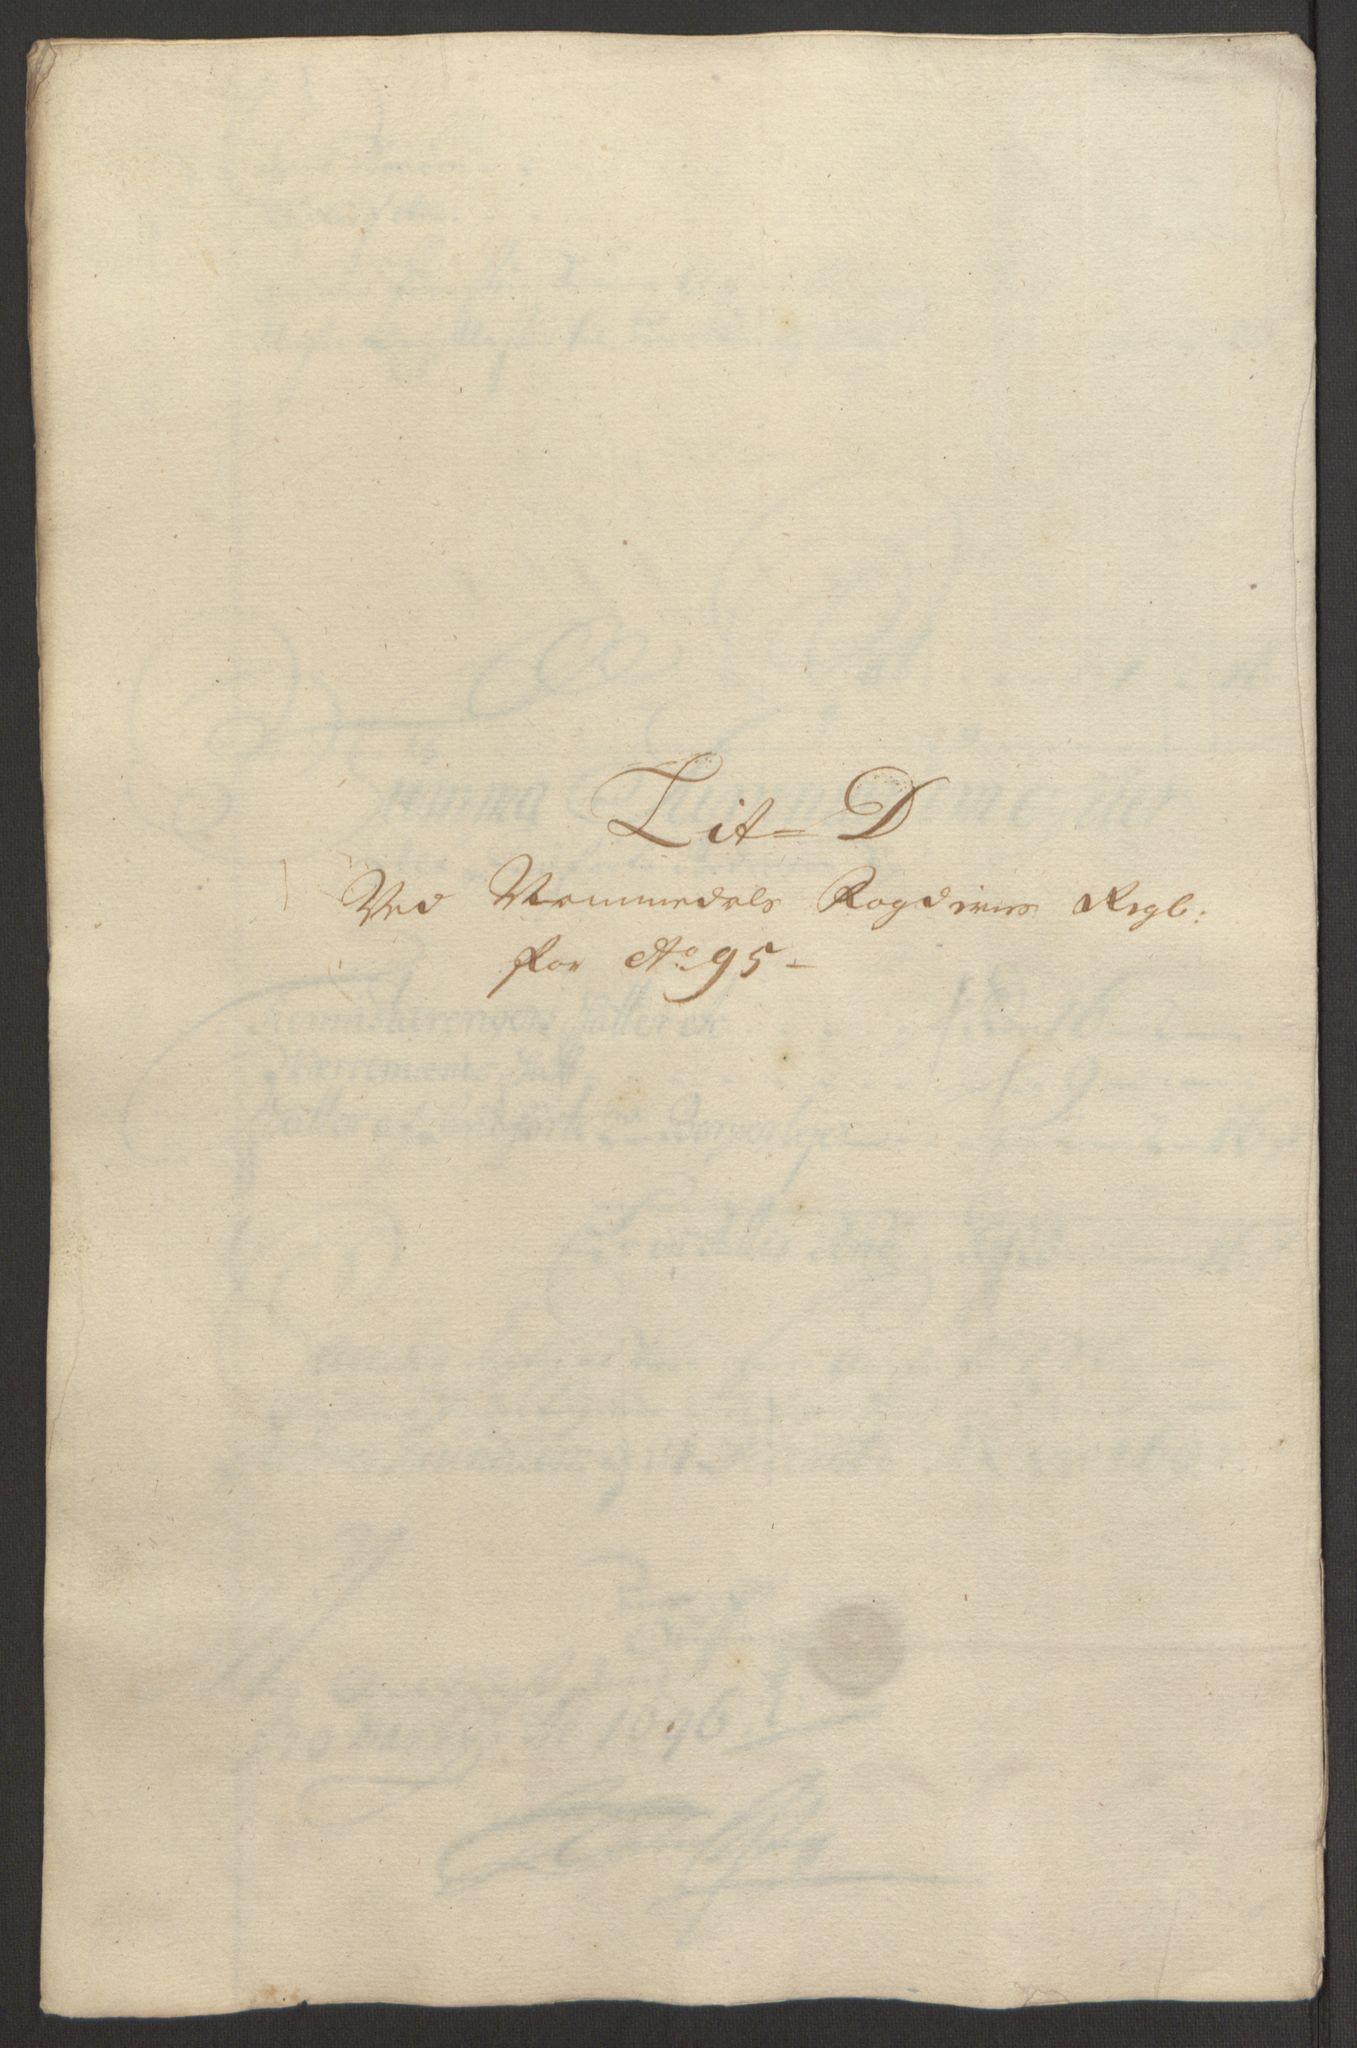 RA, Rentekammeret inntil 1814, Reviderte regnskaper, Fogderegnskap, R64/L4424: Fogderegnskap Namdal, 1692-1695, s. 468